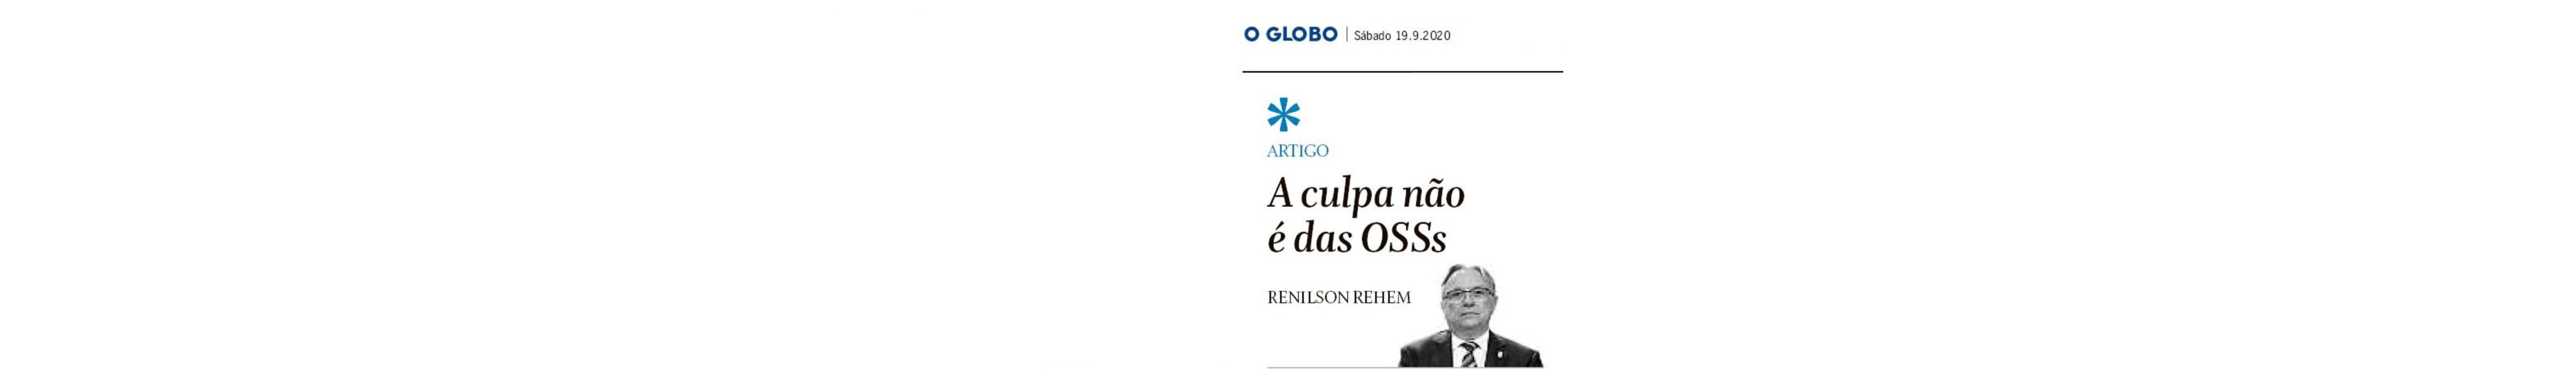 Artigo do presidente do Ibross sobre fim das OSS no Rio é publicado no jornal O GLOBO. Leia aqui!